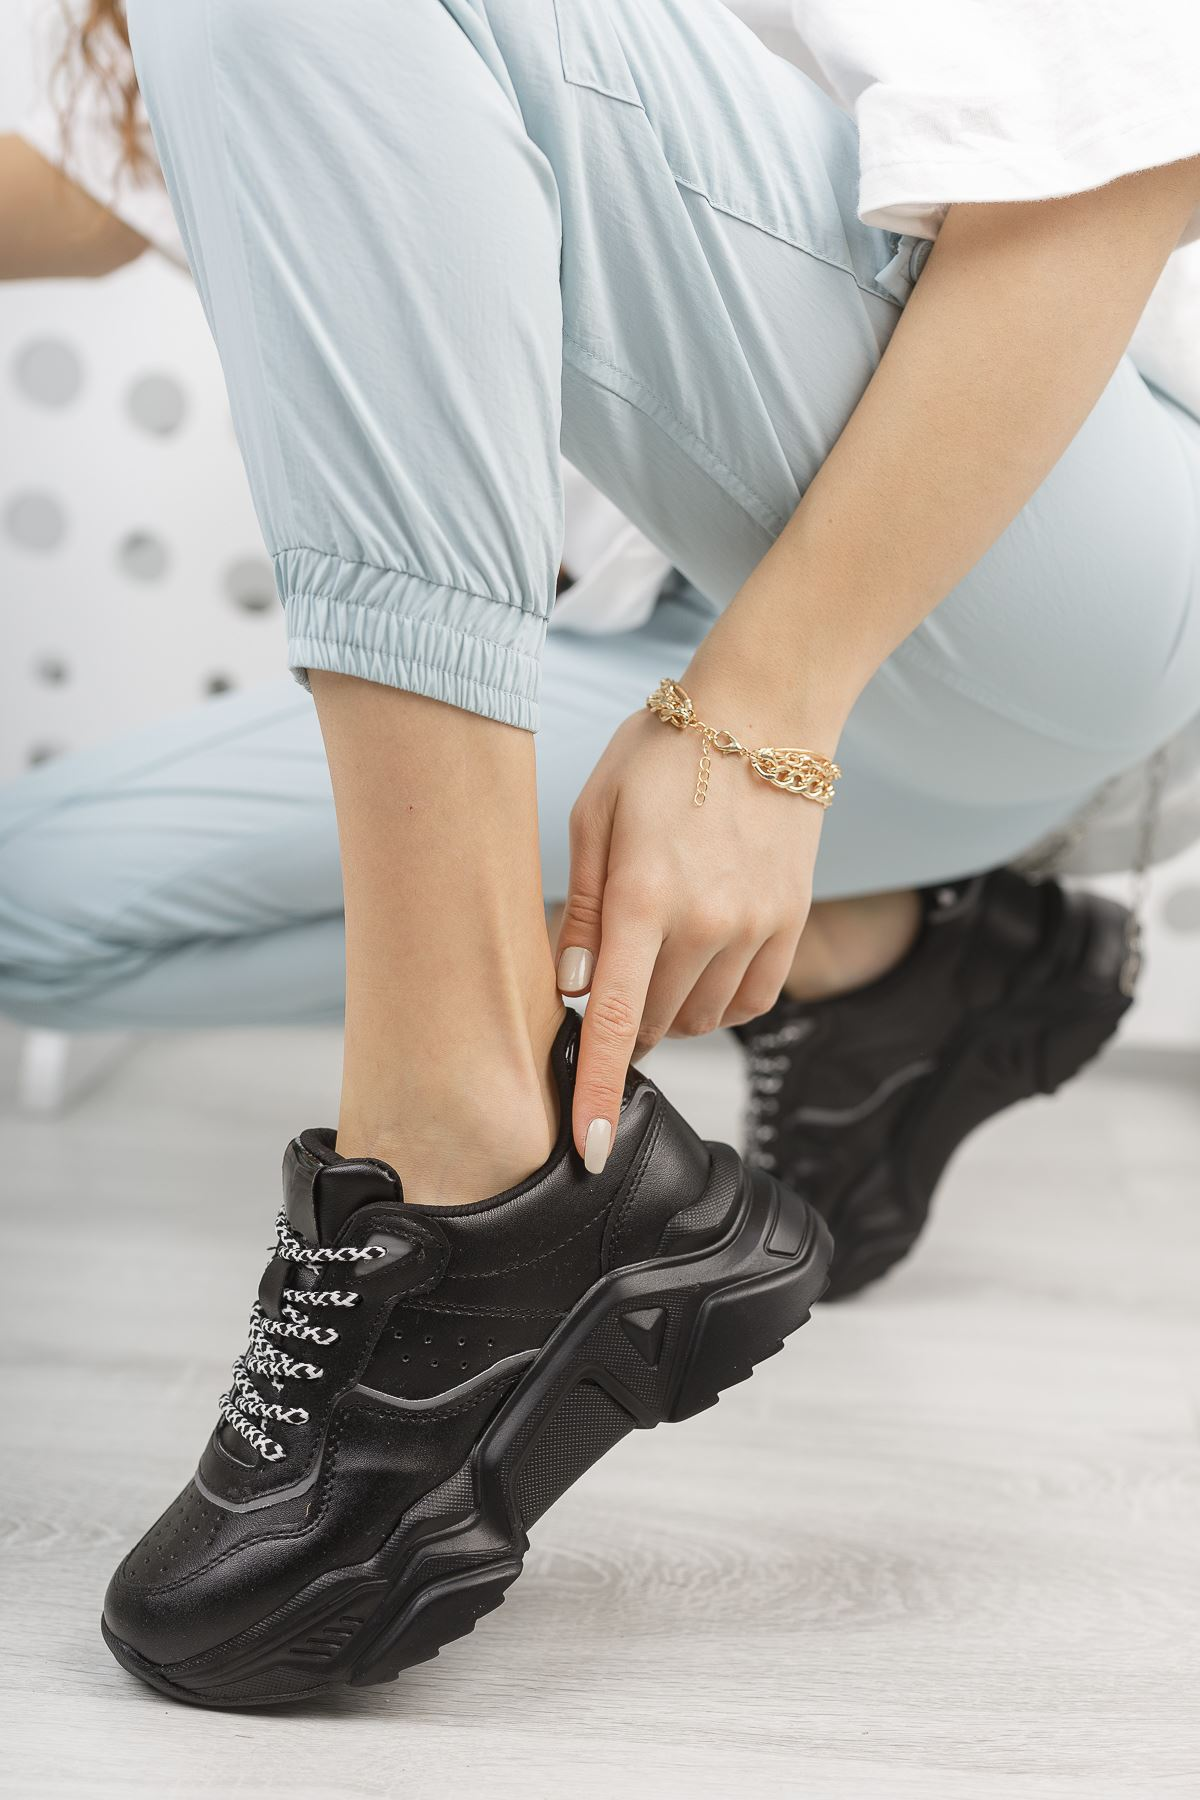 Kadın Rovina Mat Deri Kalın Taban Siyah Spor Ayakkabı